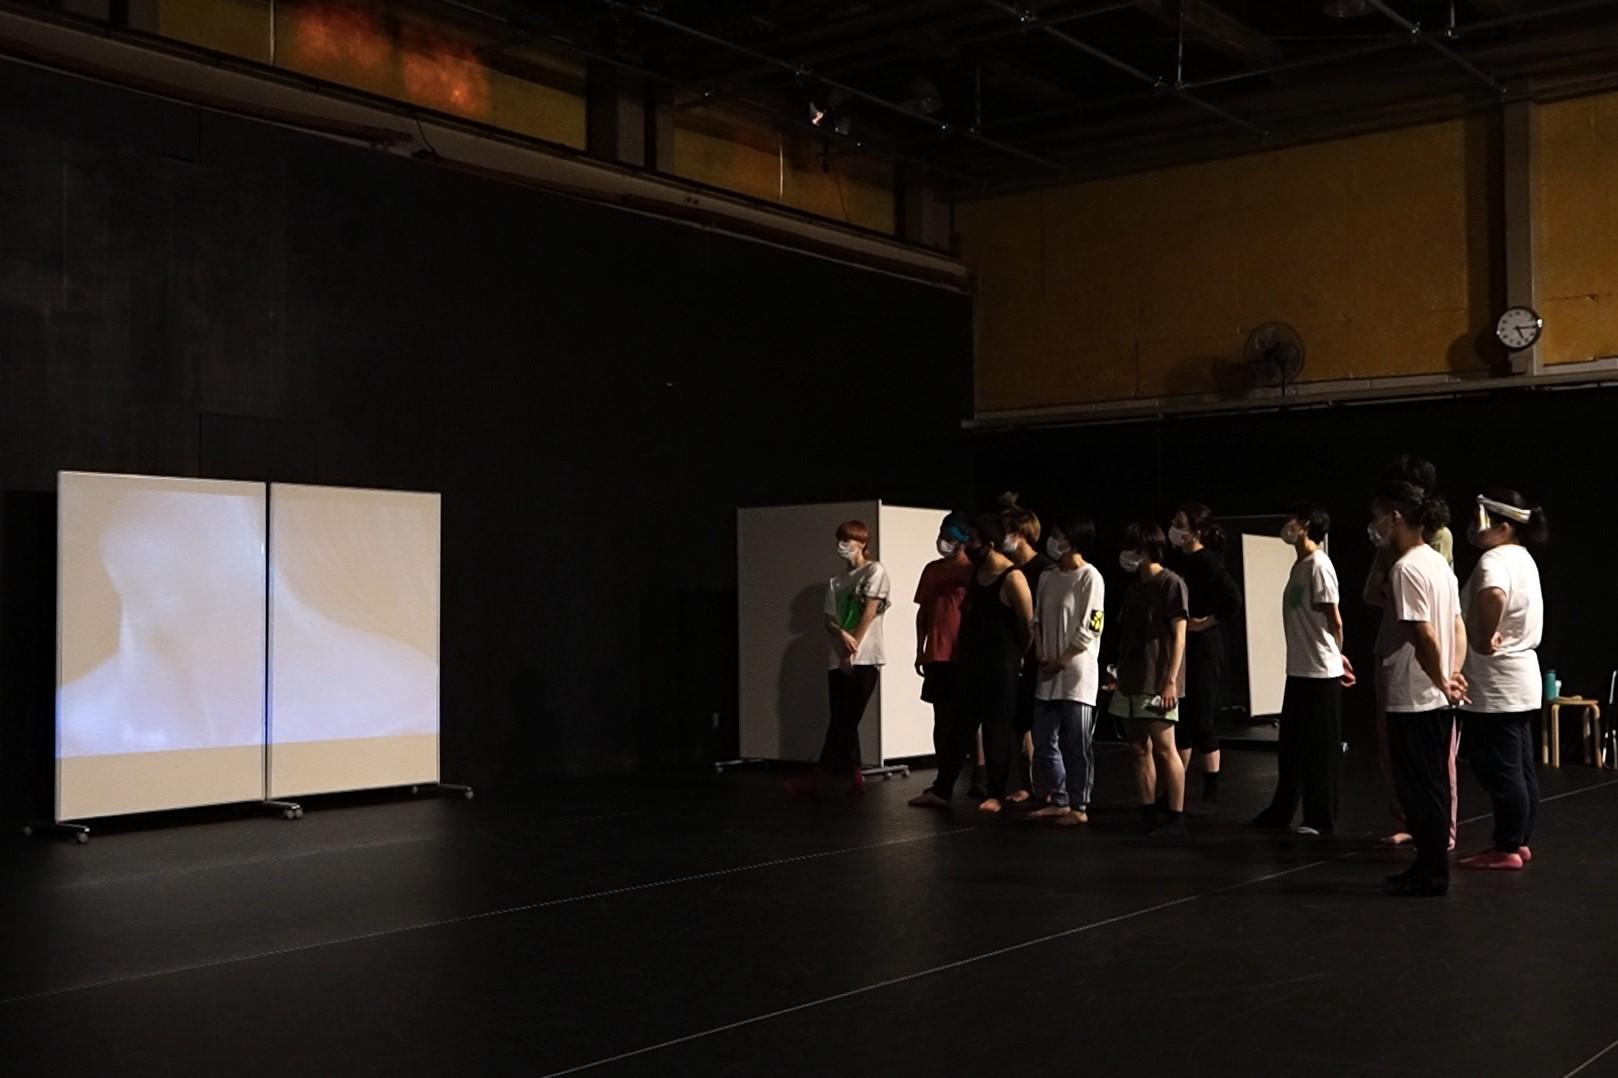 Baobab北尾亘が「AI×ダンス」で現代に問う『アンバランス』稽古場レポート